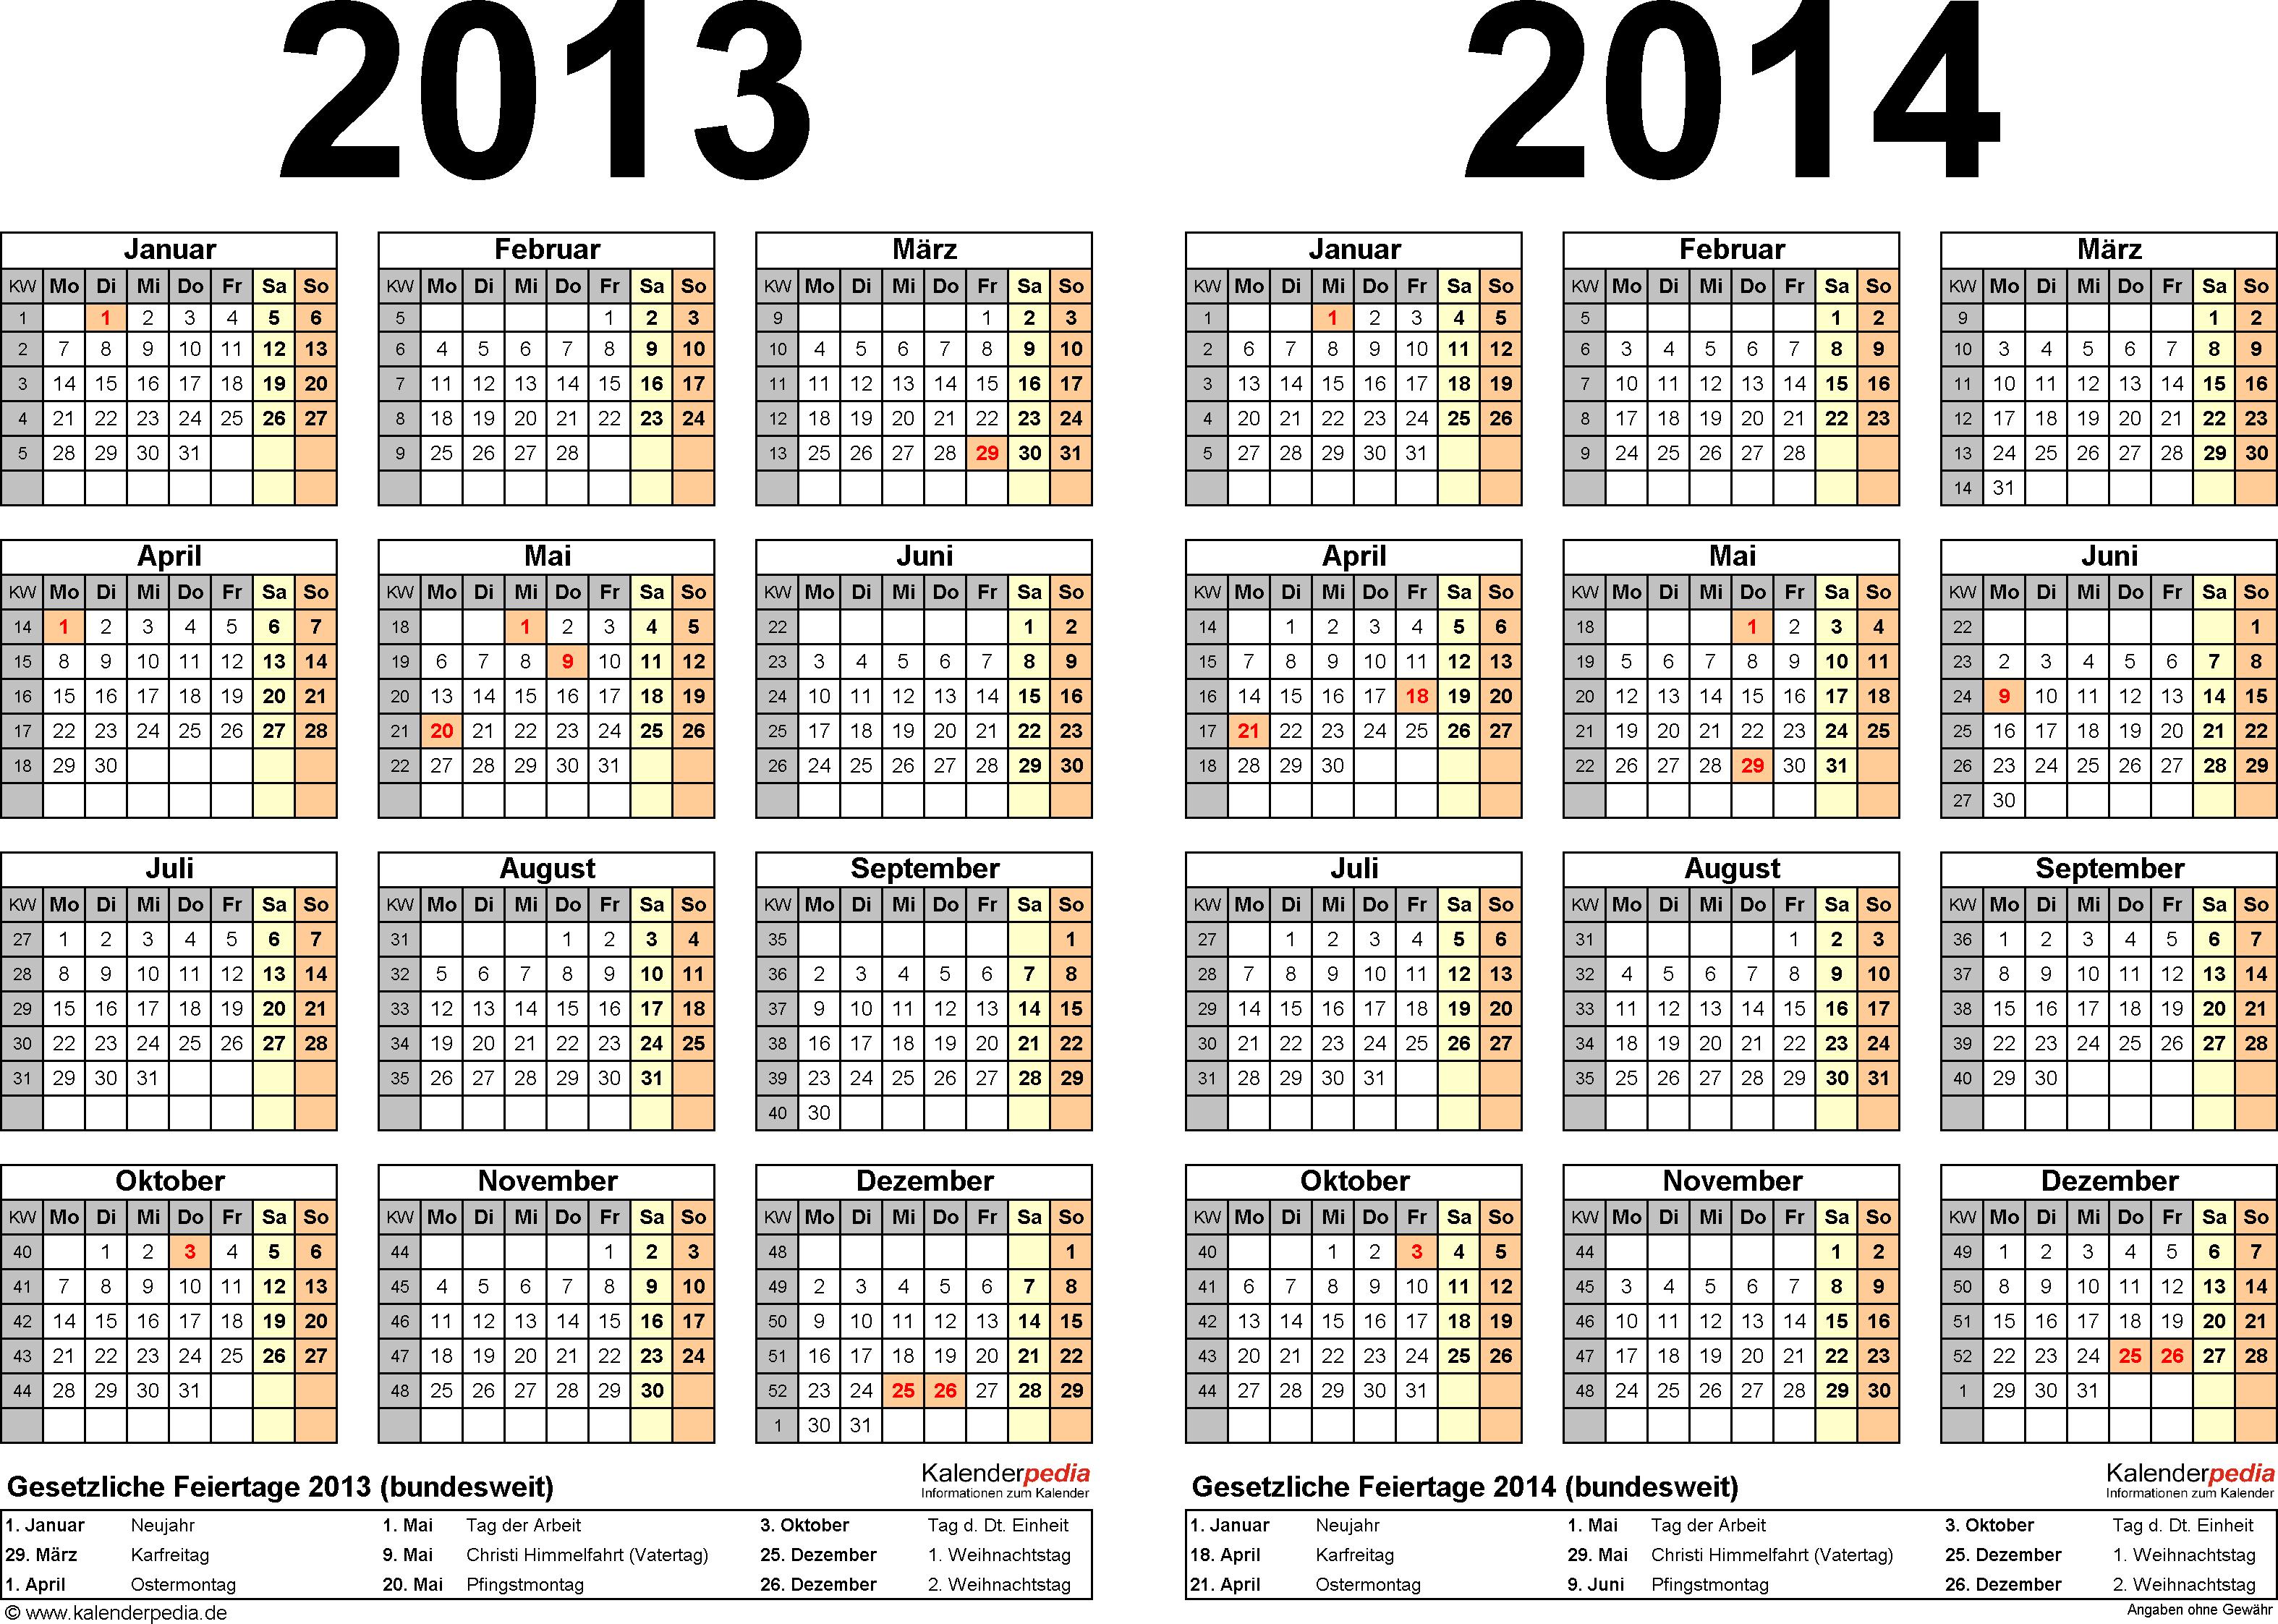 PDF-Vorlage für Zweijahreskalender 2013/2014 (Querformat, 1 Seite)